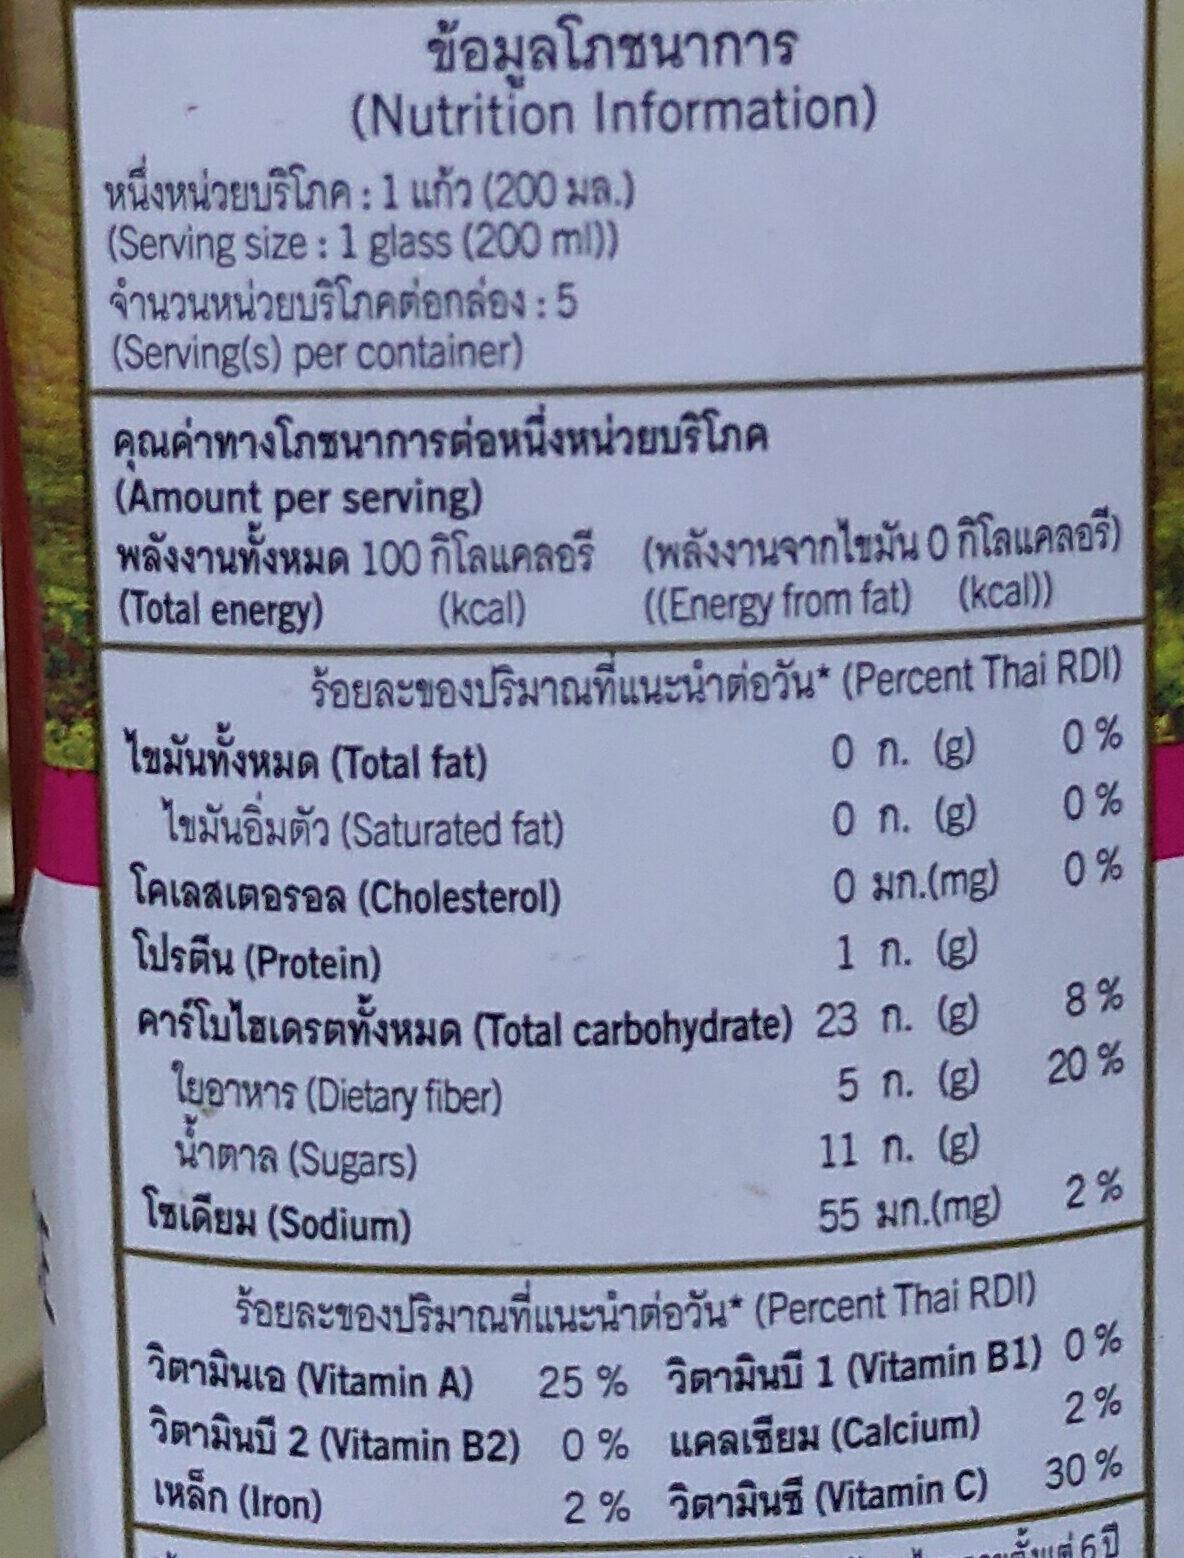 น้ำมะเขือเทศม็อกเทล - Nutrition facts